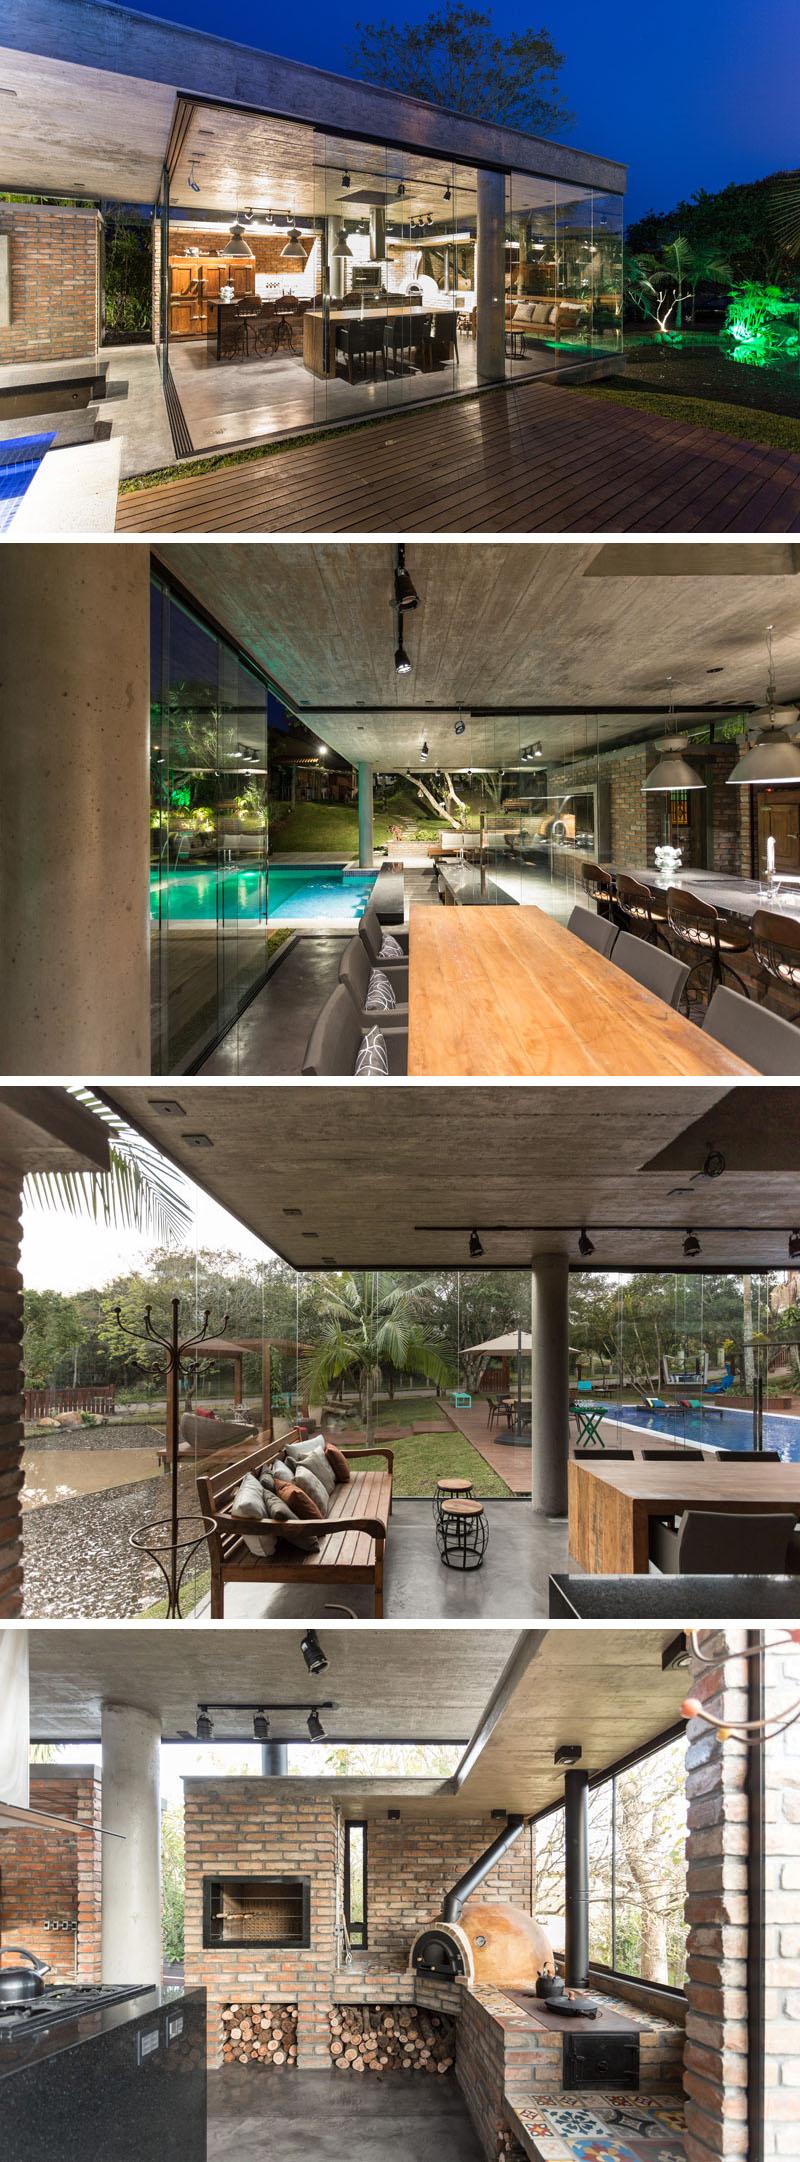 3-casa-com-piscina-bar-molhado-e-forno-a-lenha-na-area-externa